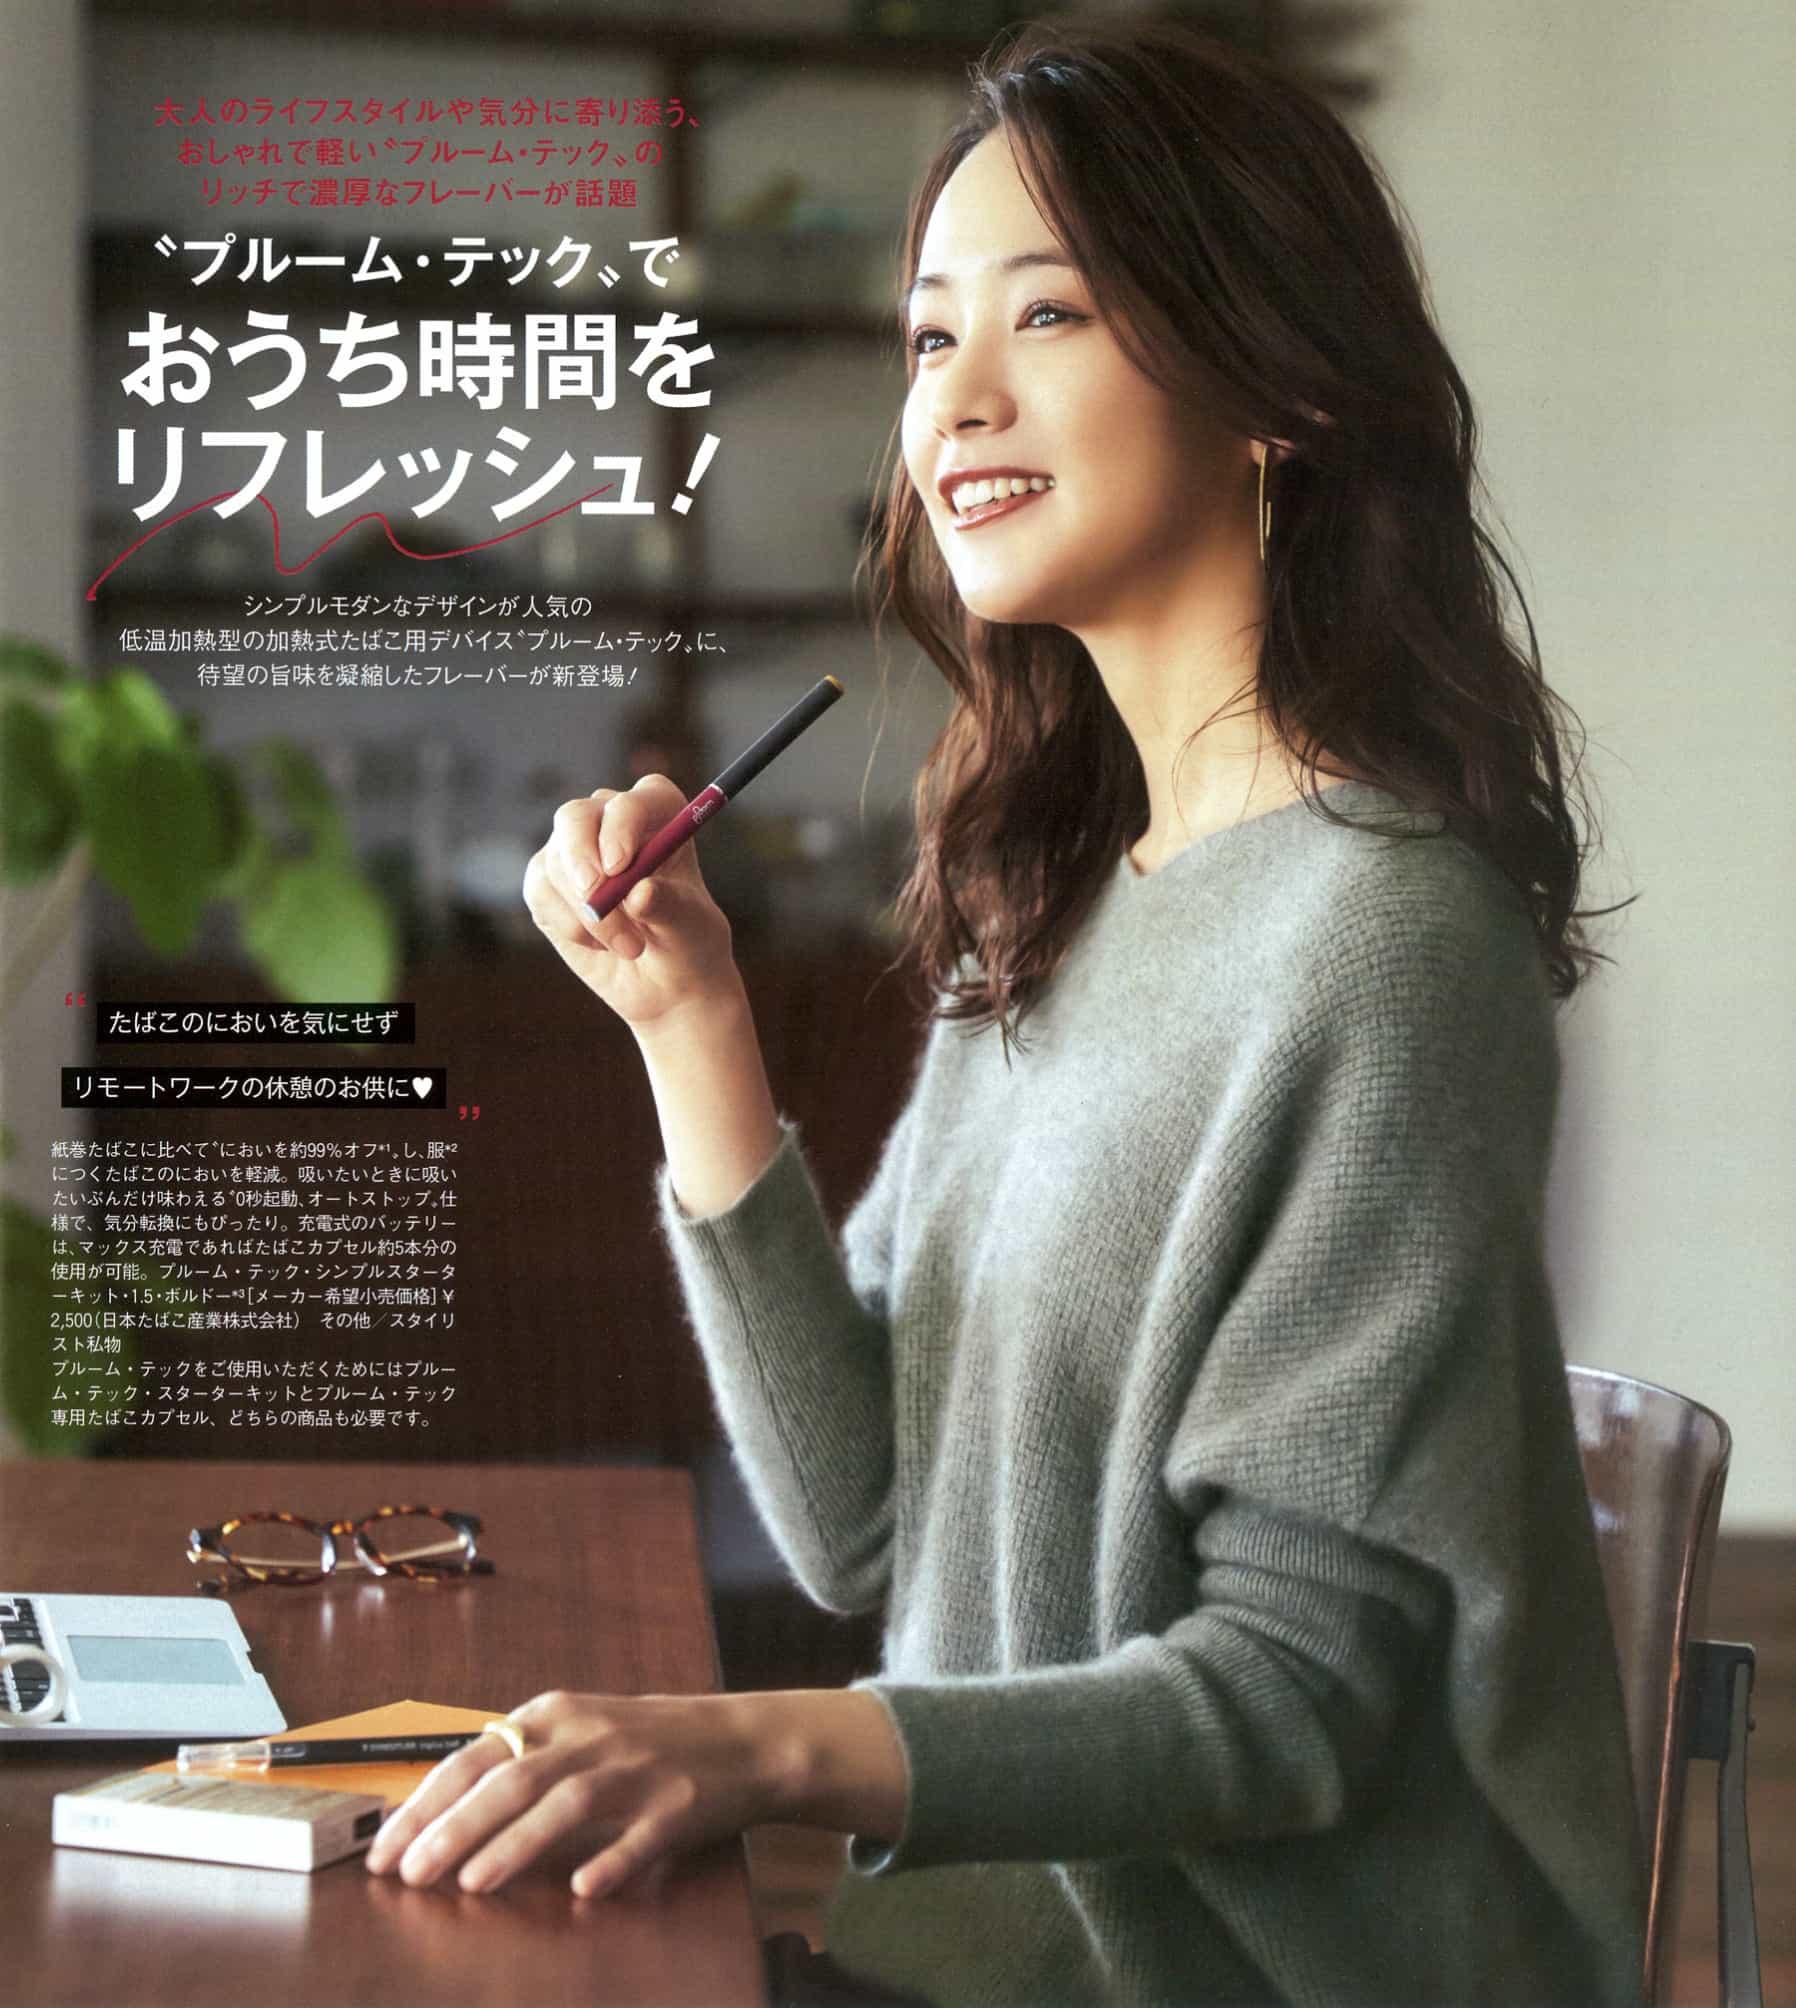 saki-yasuda-20200104 a